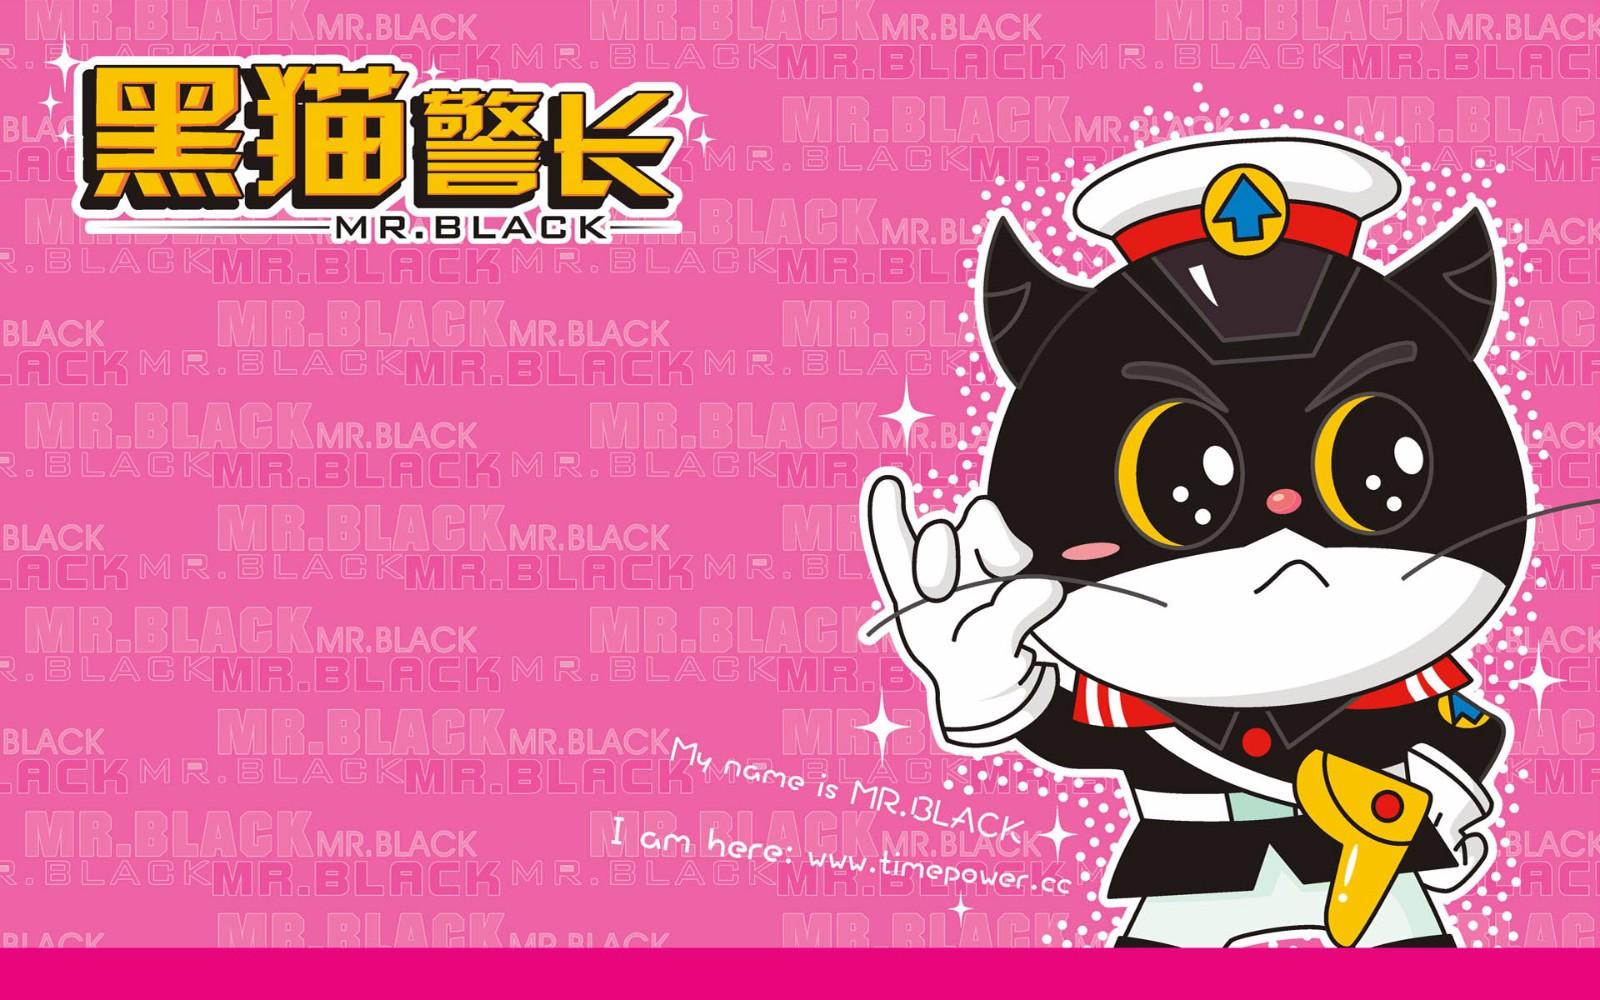 【阿当故事屋】黑猫警长系列故事:机器人小王子大结局